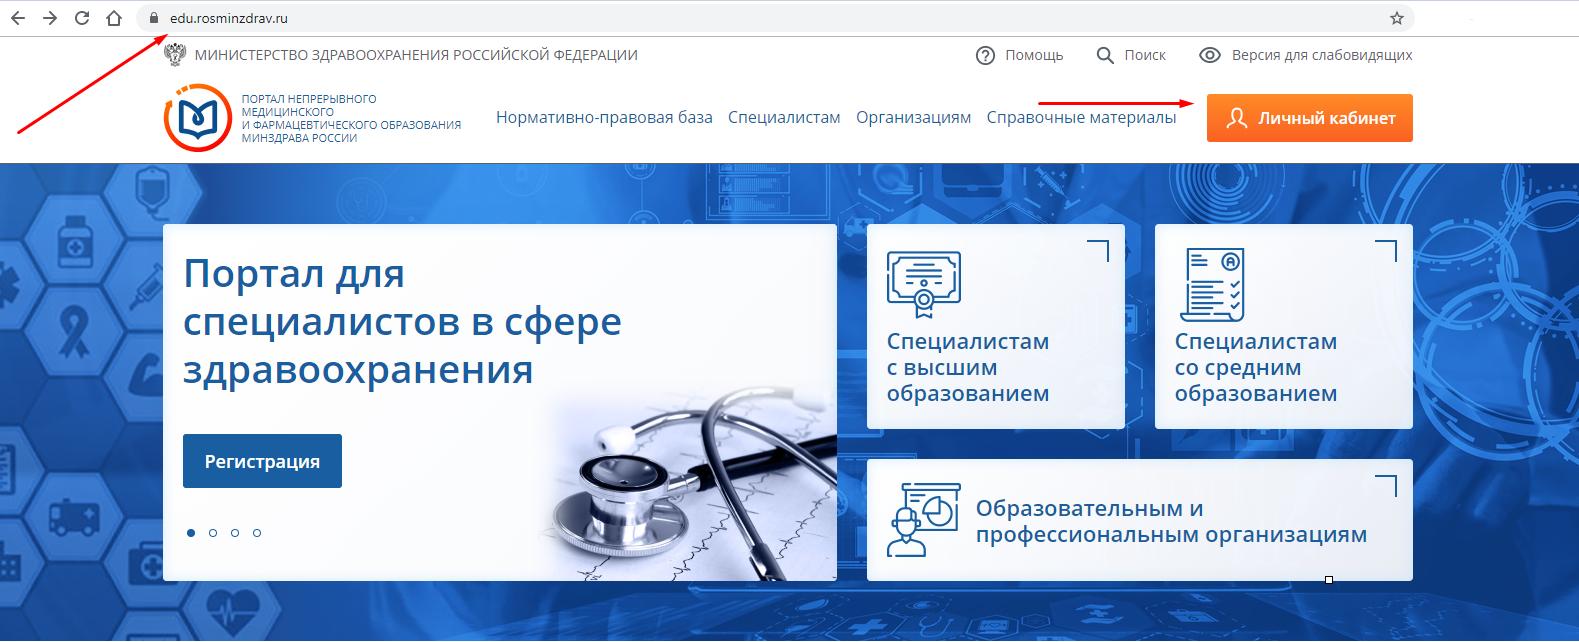 Обучение врачей за счет средств ОМС